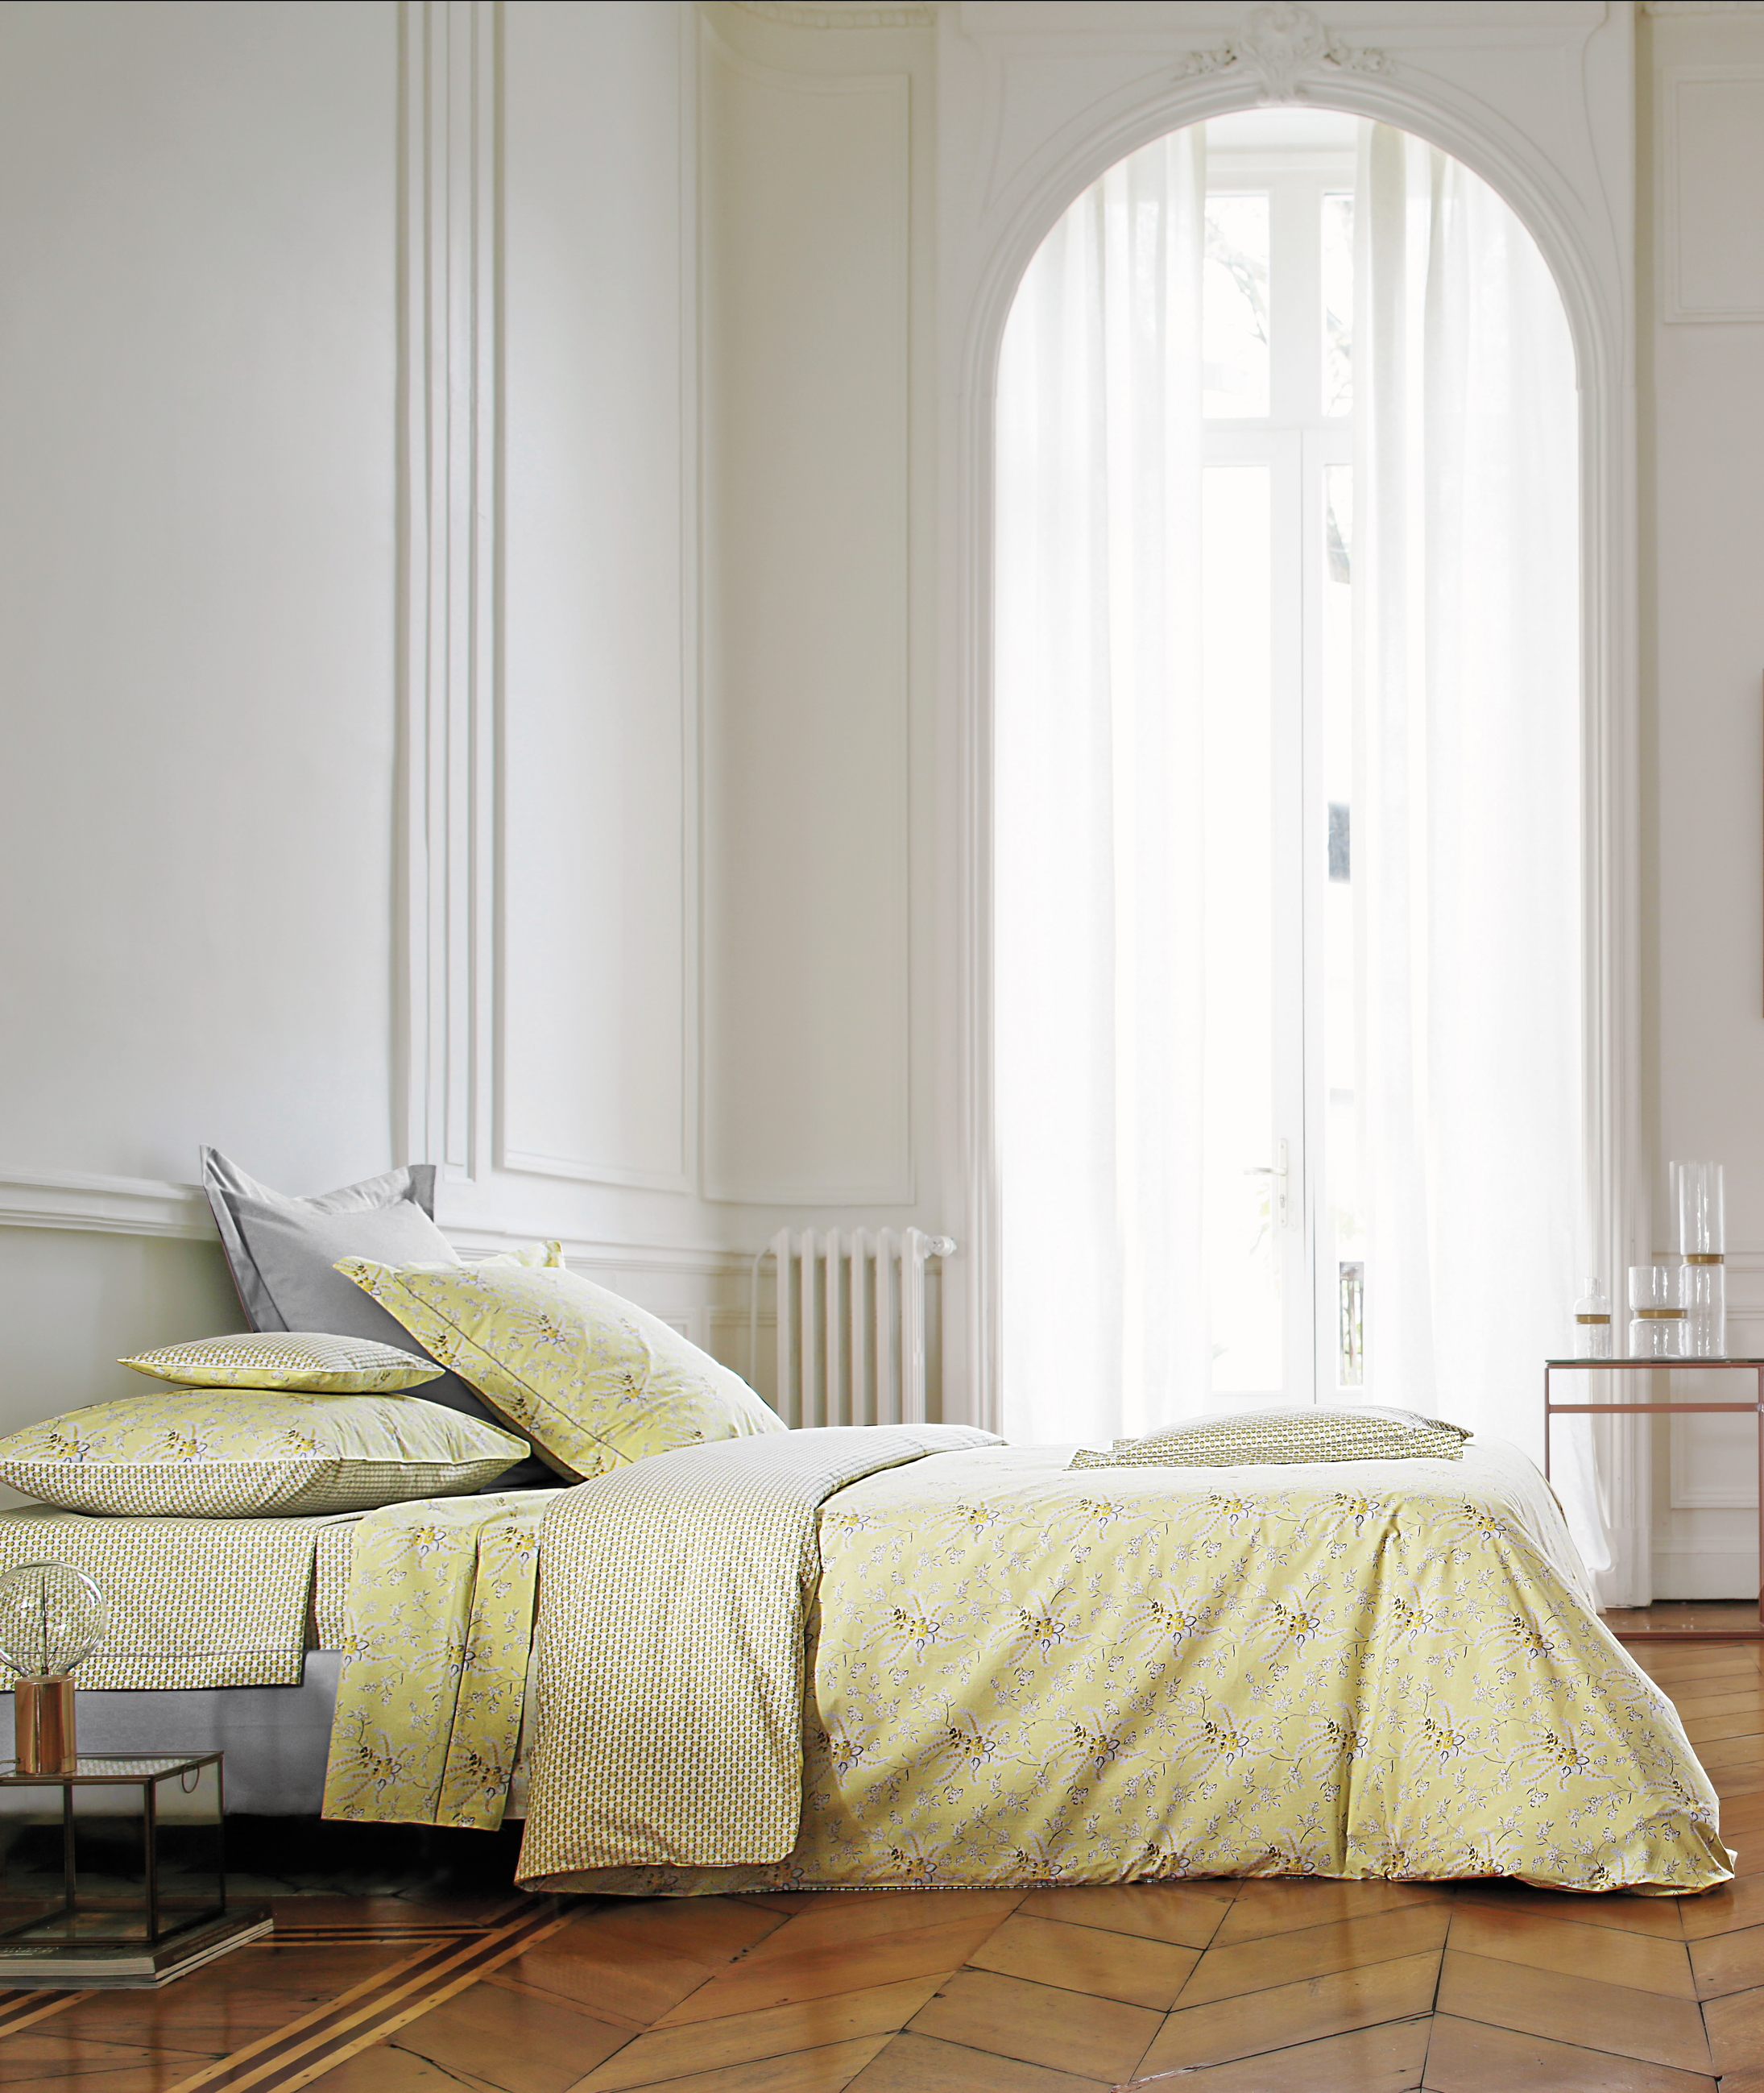 housse de couette blanc des vosges fabulous dans les des. Black Bedroom Furniture Sets. Home Design Ideas